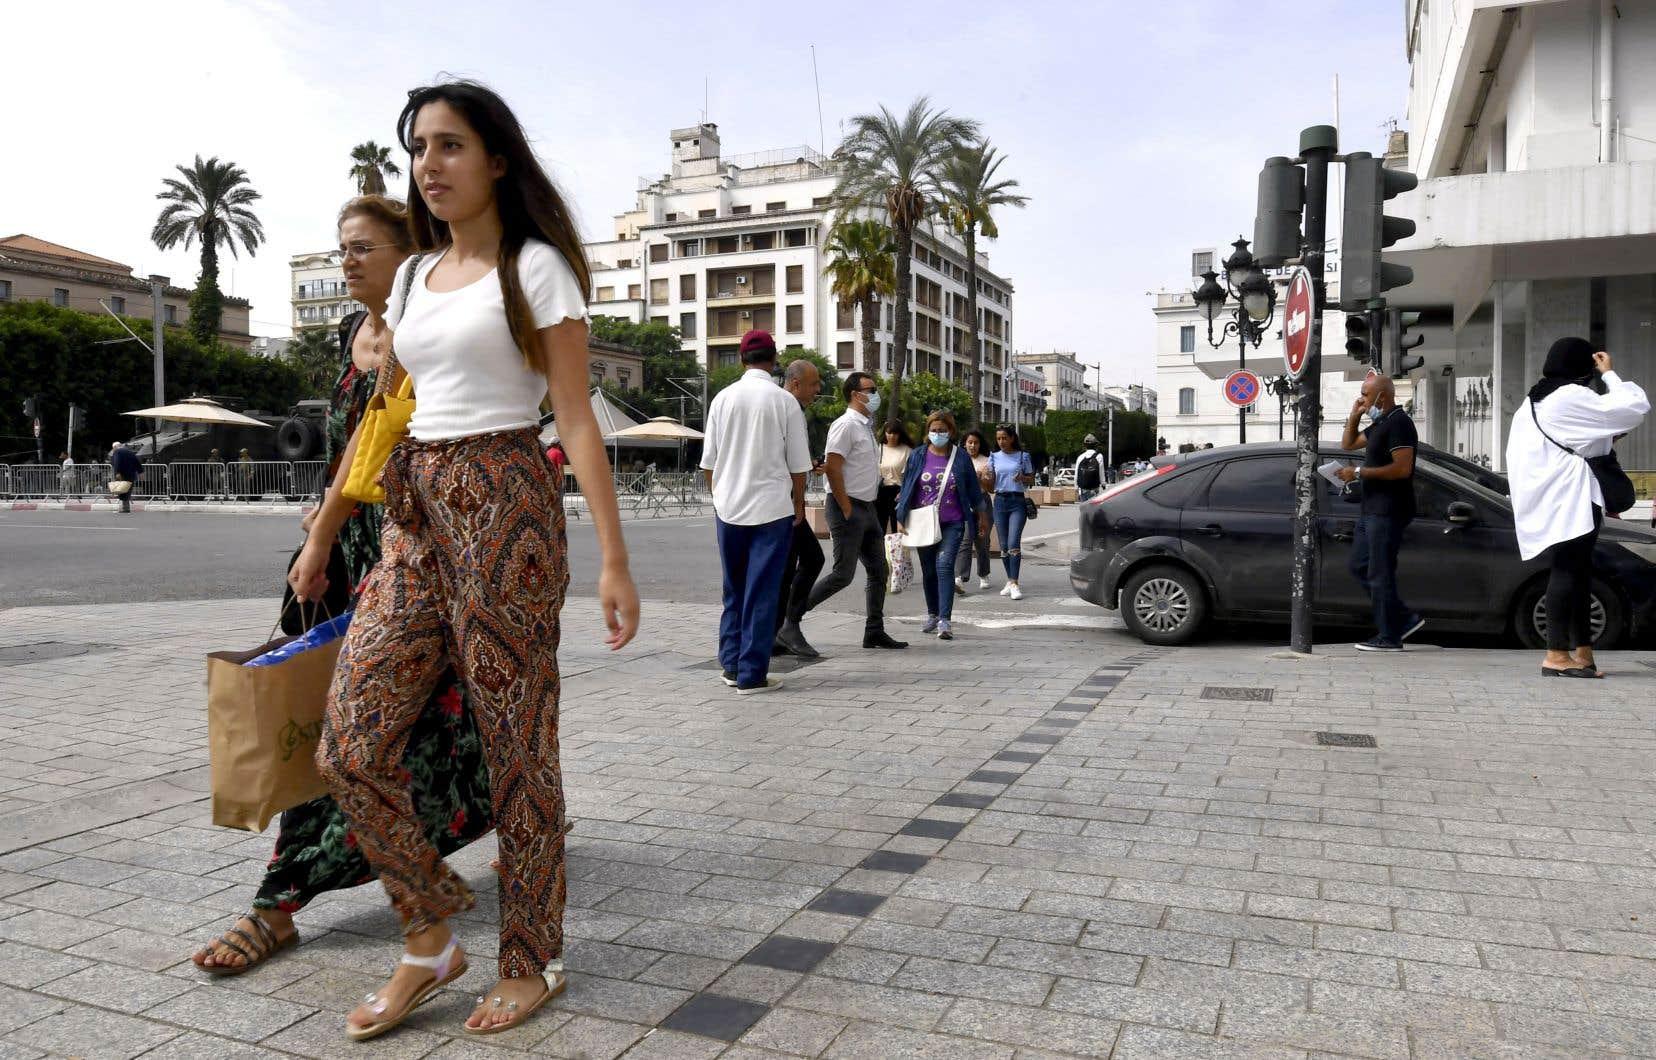 Les États généraux du livre en langue française dans le monde se sont ouverts mercredi à Tunis. Selon plusieurs participants, l'accessibilité de la littérature francophone en Afrique devra passer par un plus grand nombre d'éditeurs locaux.